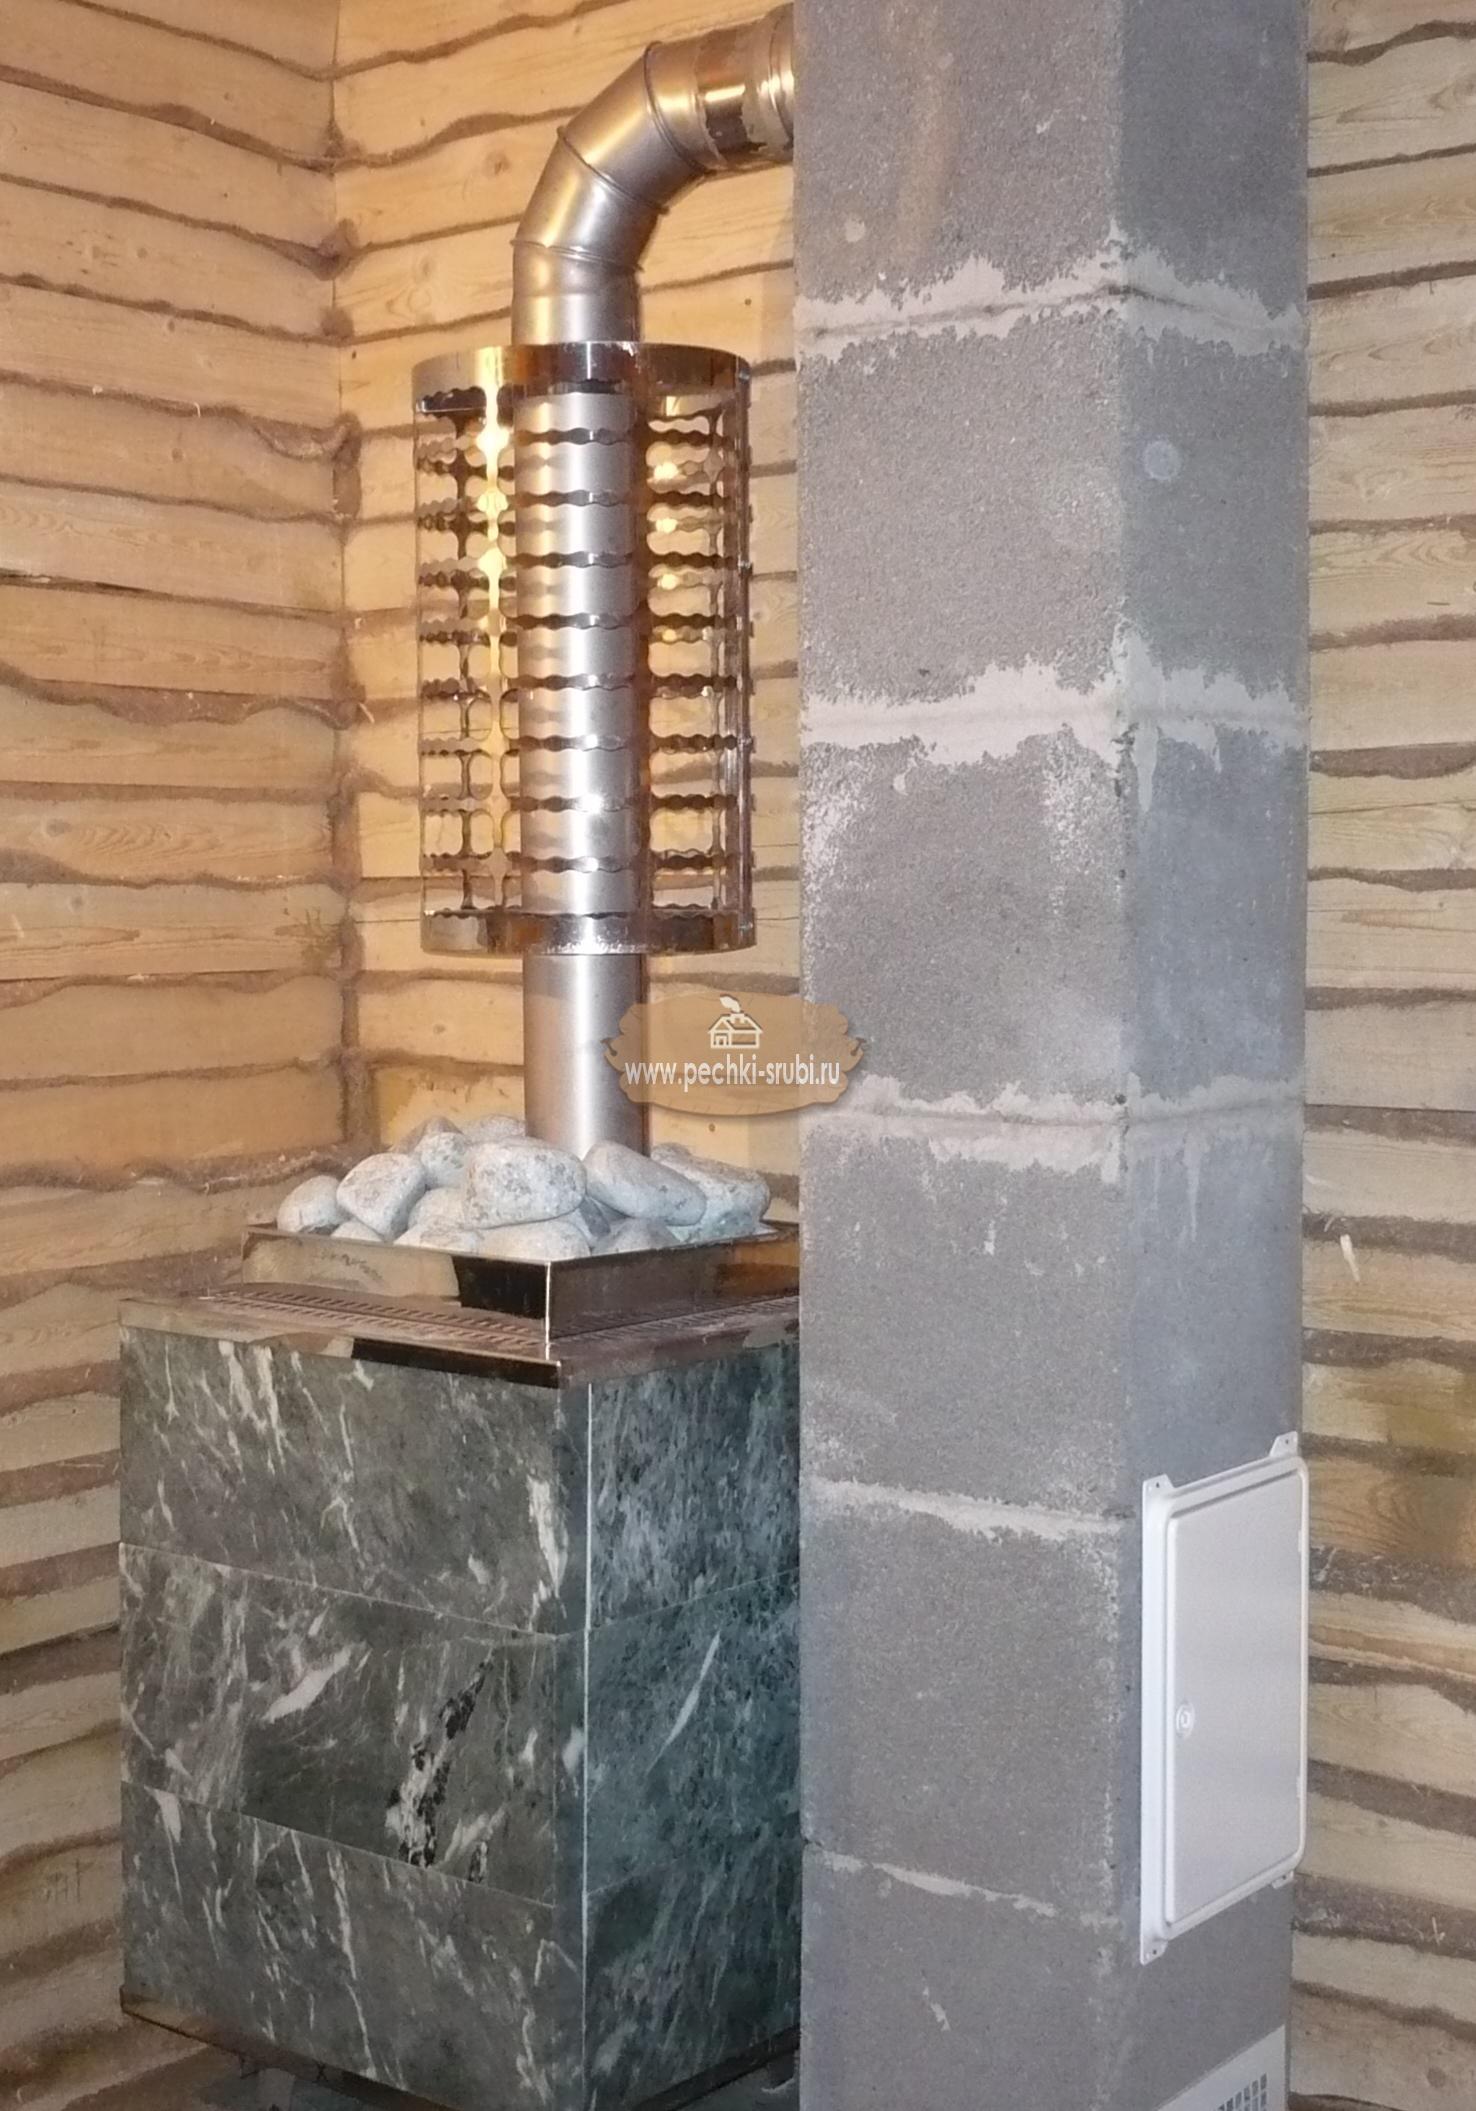 Финские каменные печи Tulikivi в Петрозаводске 58